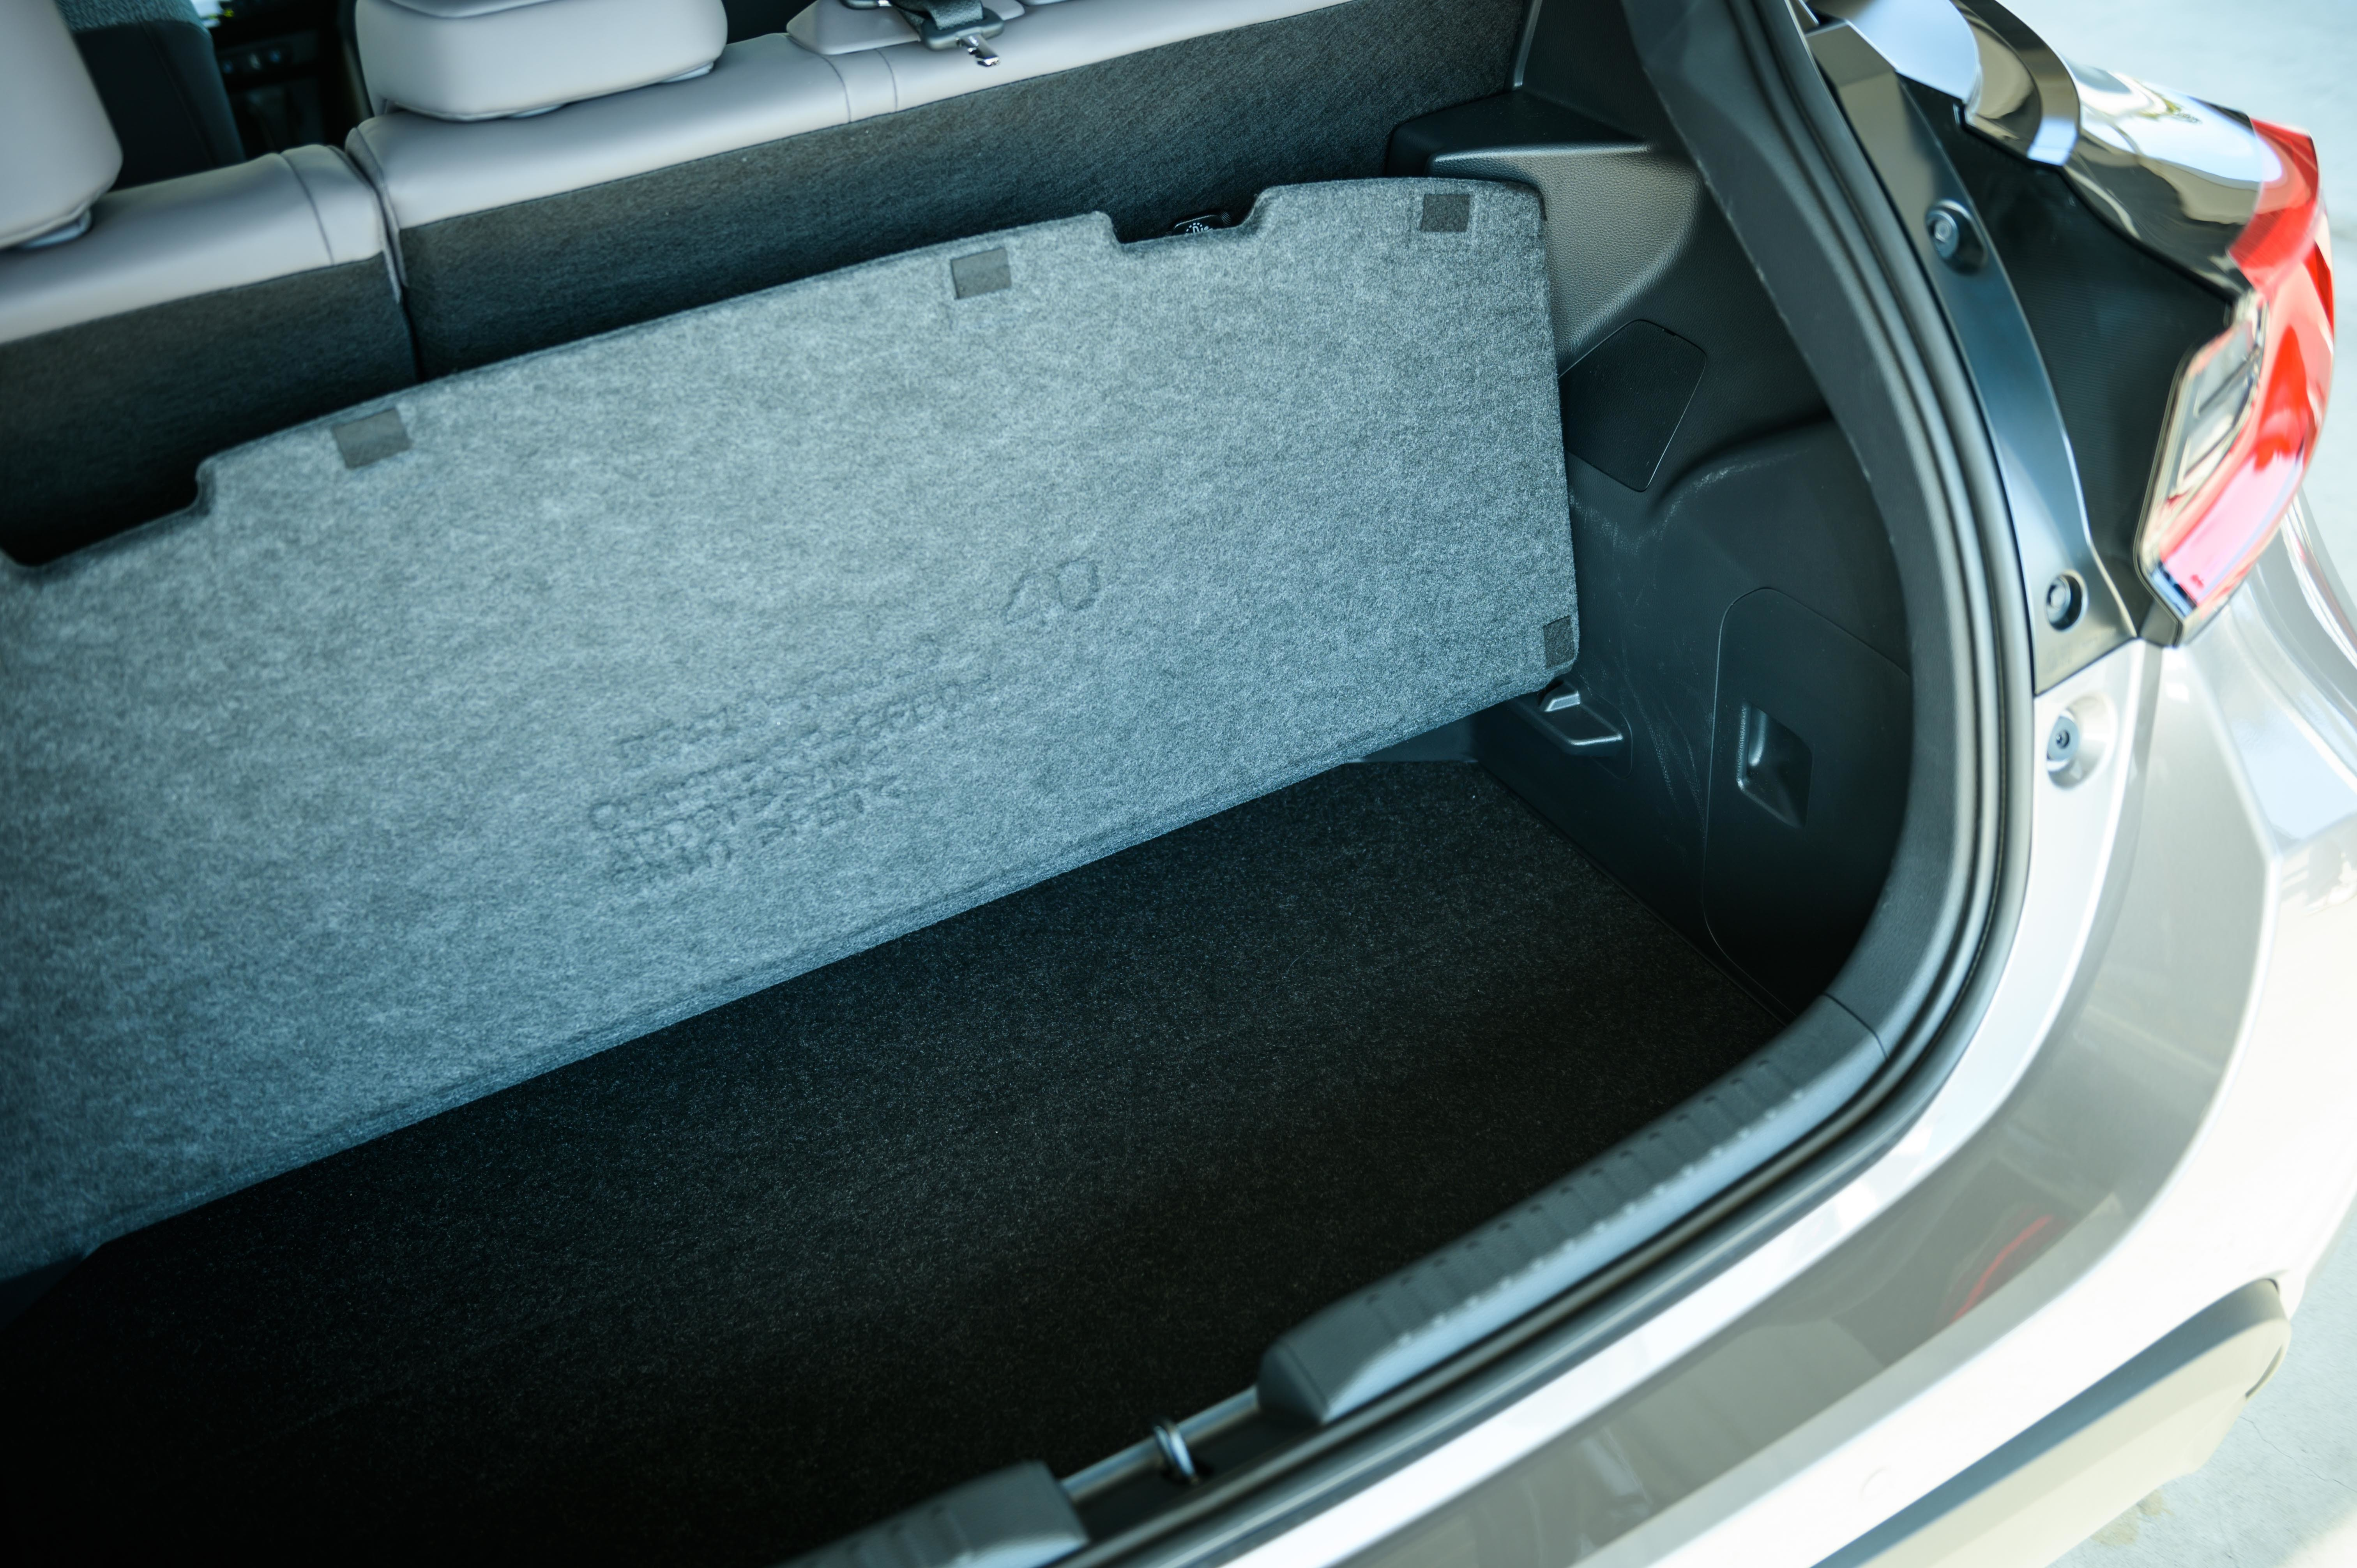 日本のコンパクトカーは侮れない【新型トヨタ ヤリス試乗記】